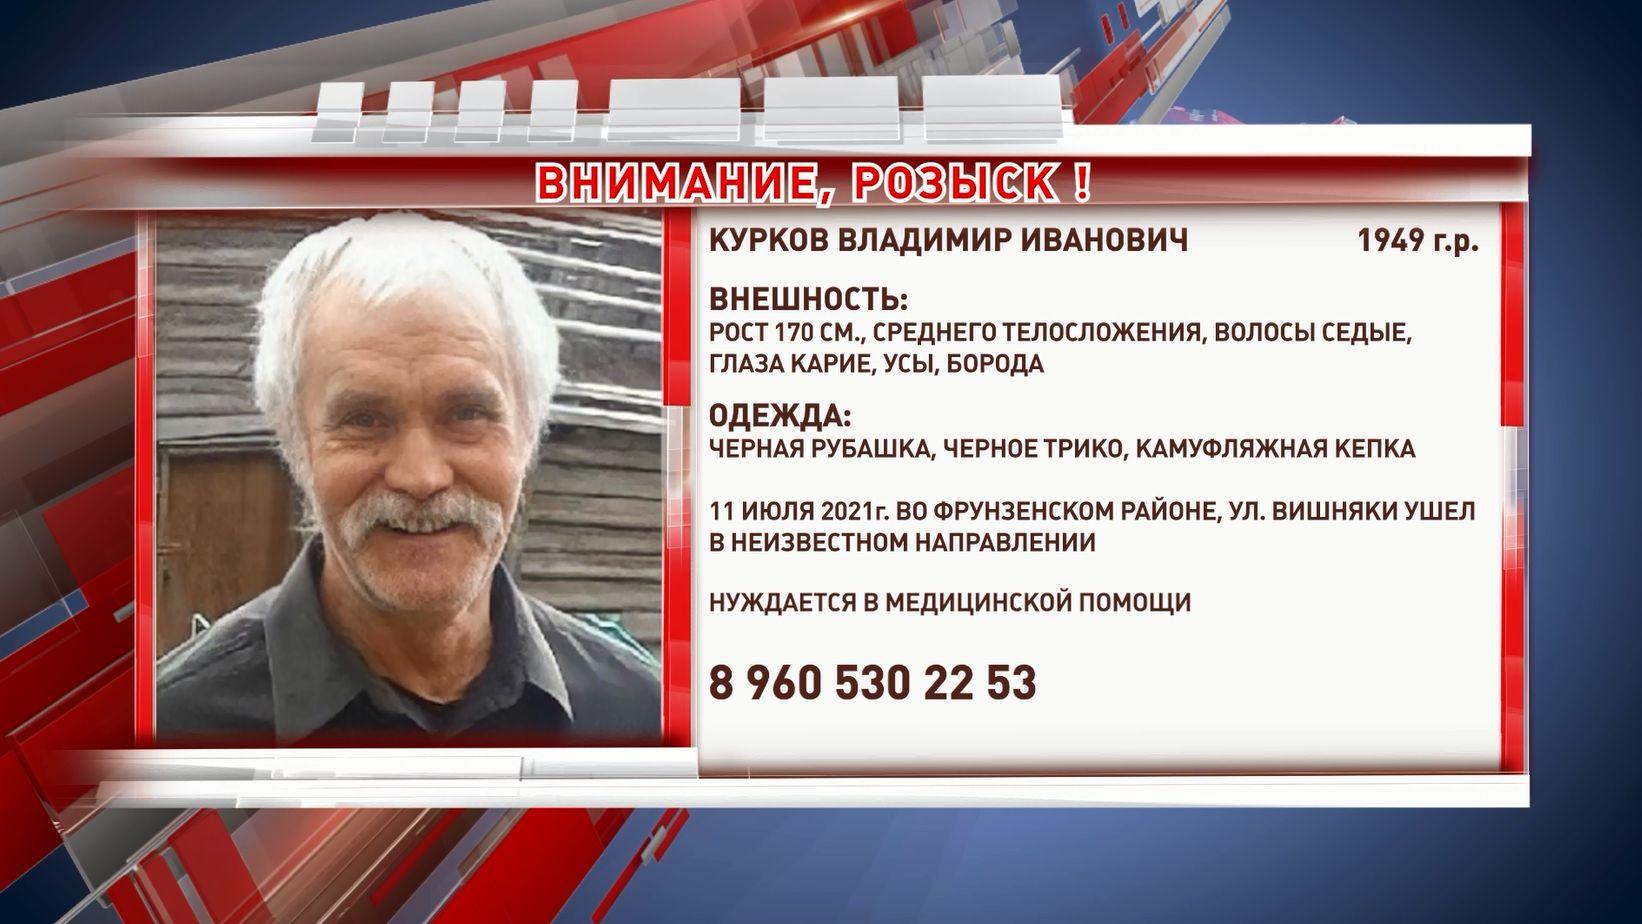 Внимание, розыск - пропал 72-летний Курков Владимир Иванович